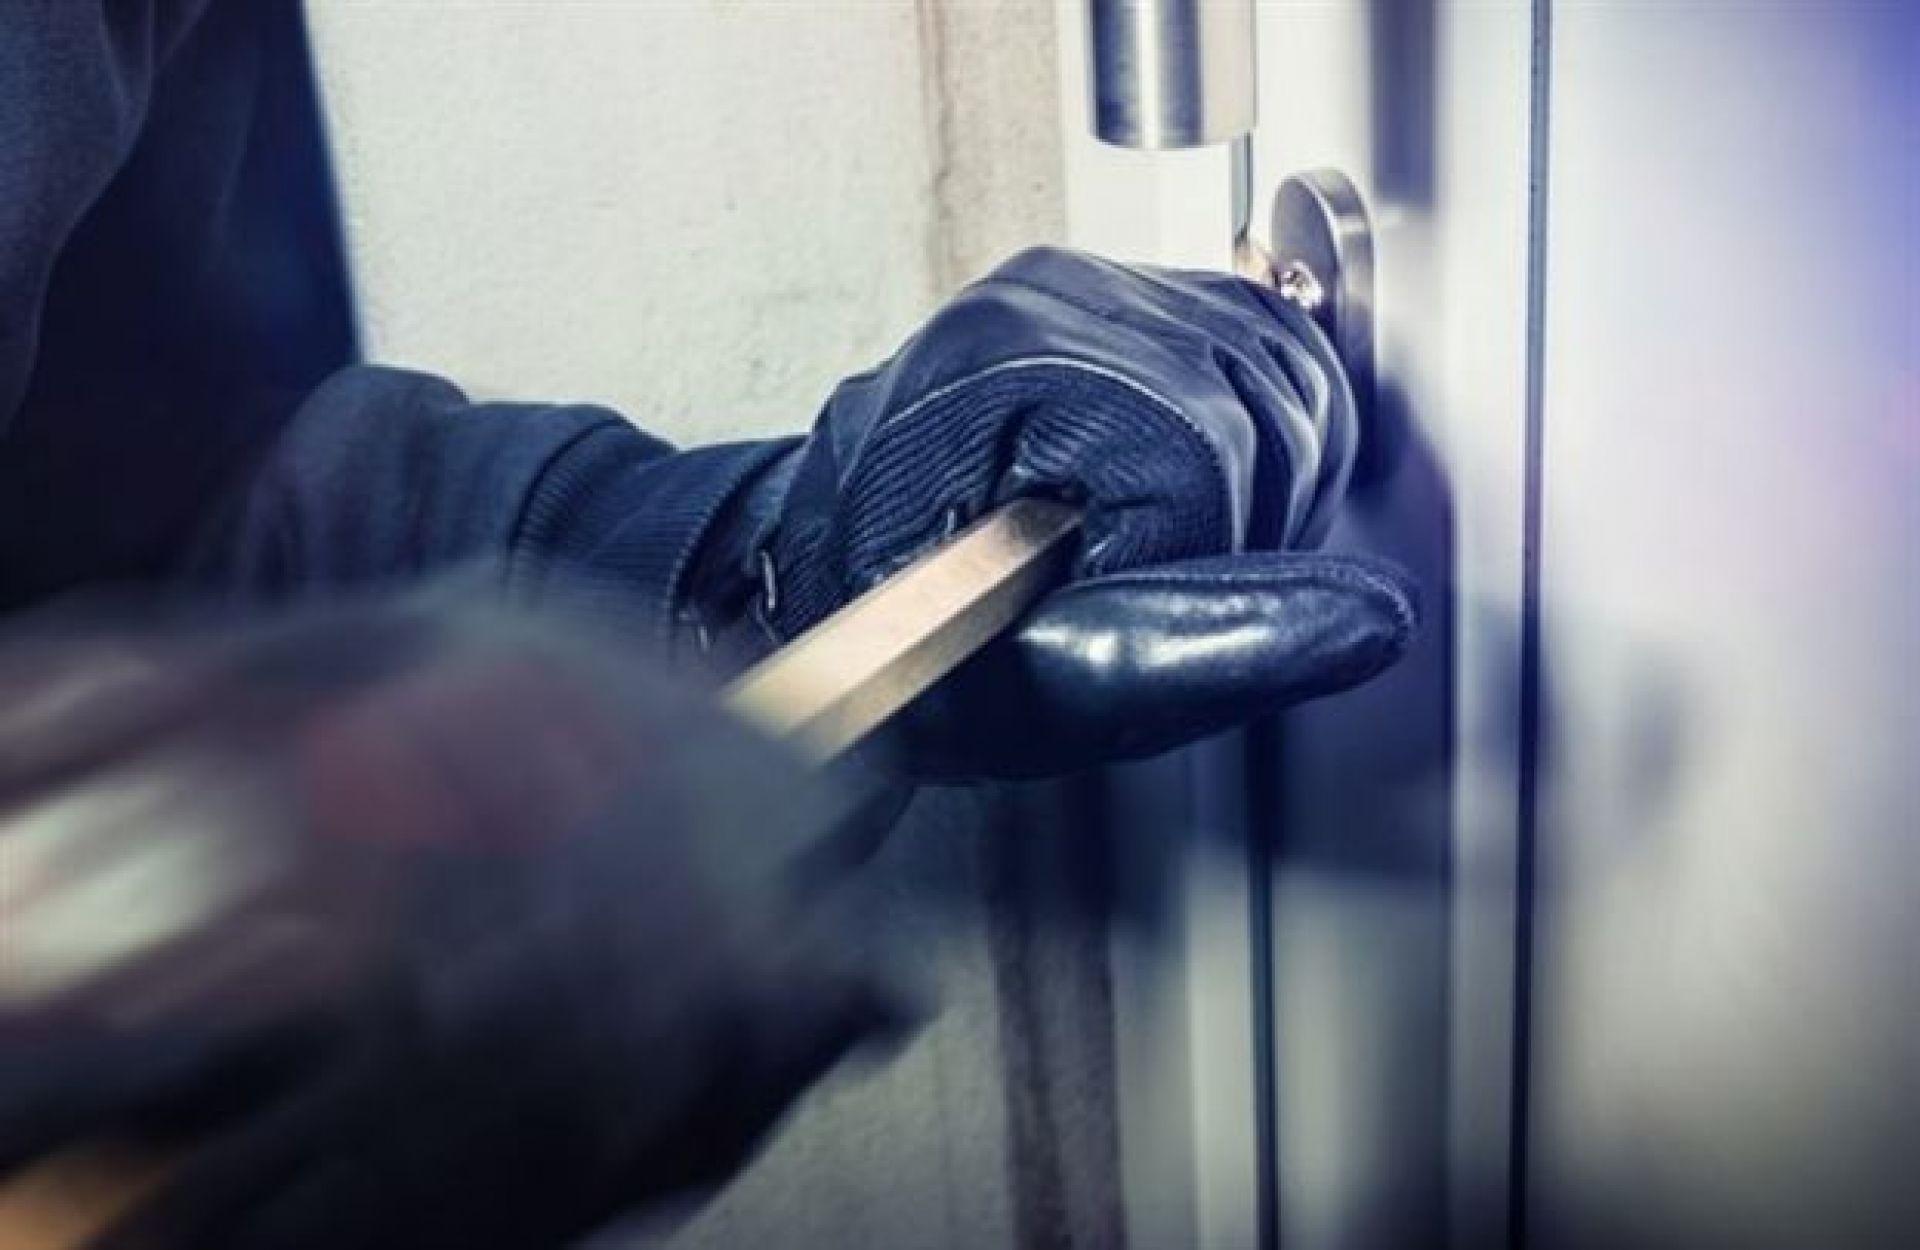 Εξιχνιάστηκε η ληστεία εναντίον 65χρονου στην Αλεξάνδρεια την ώρα που κοιμόταν!